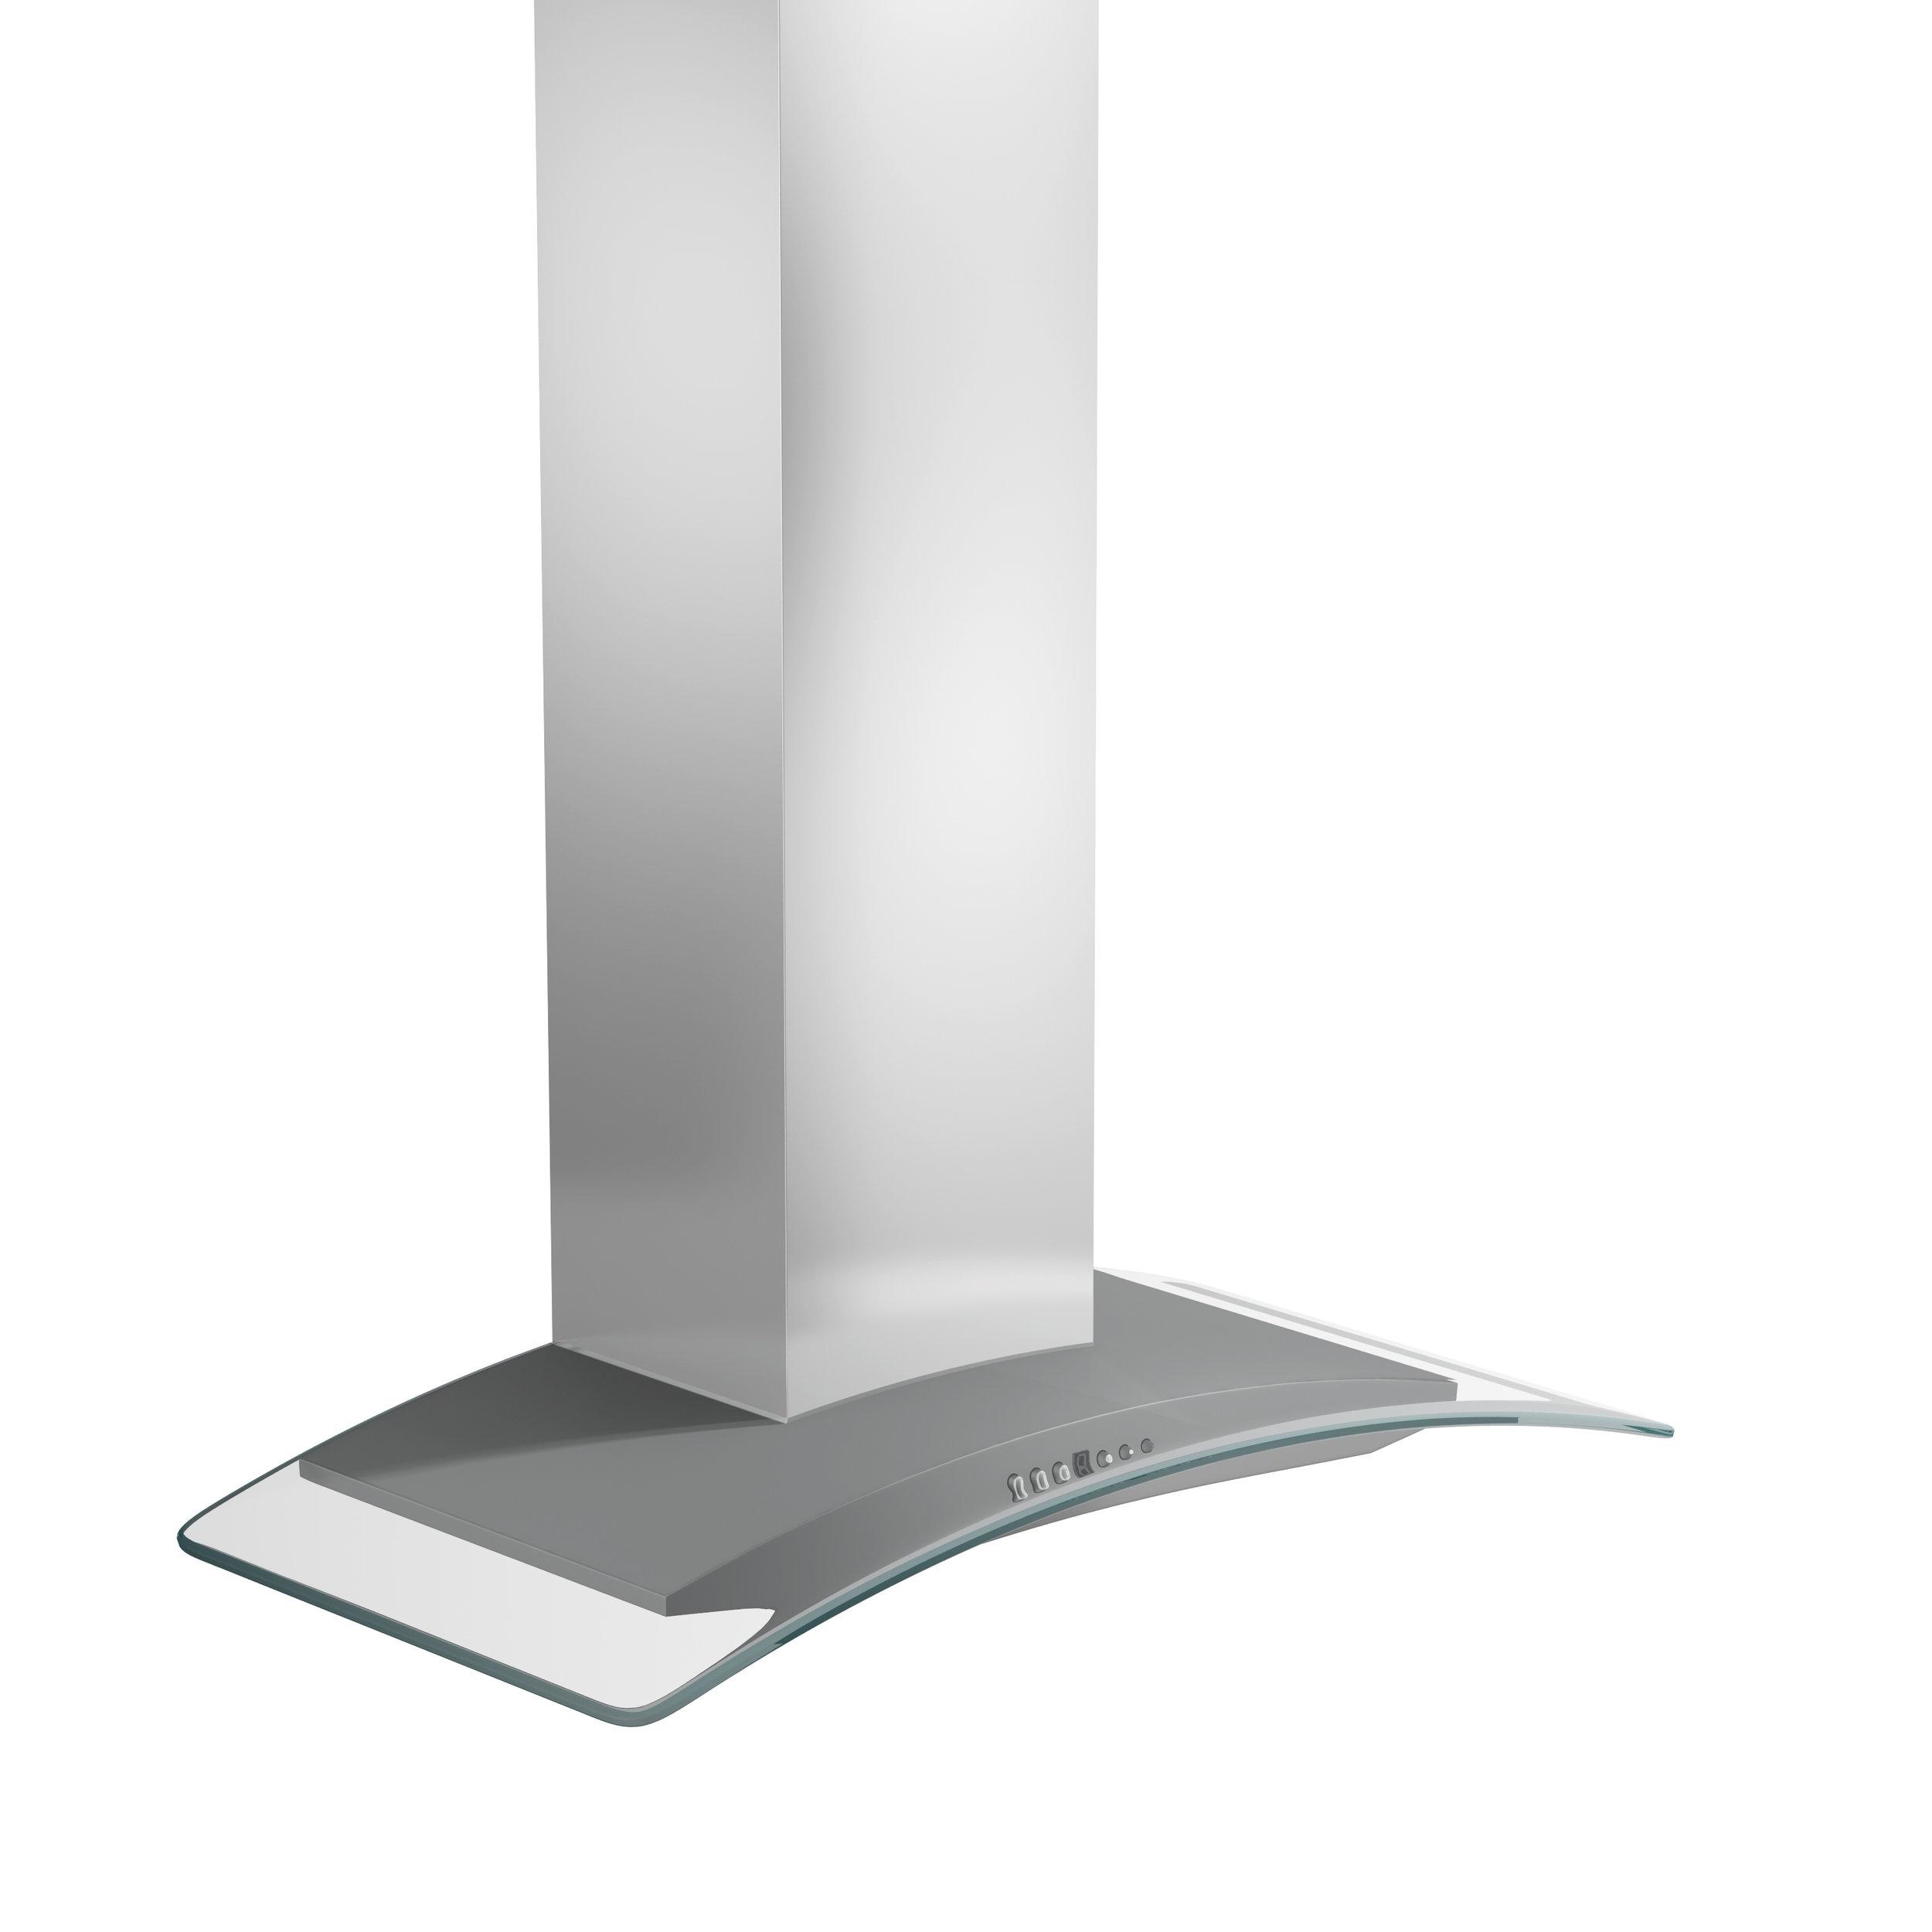 zline-stainless-steel-wall-mounted-range-hood-KN4-top.jpg